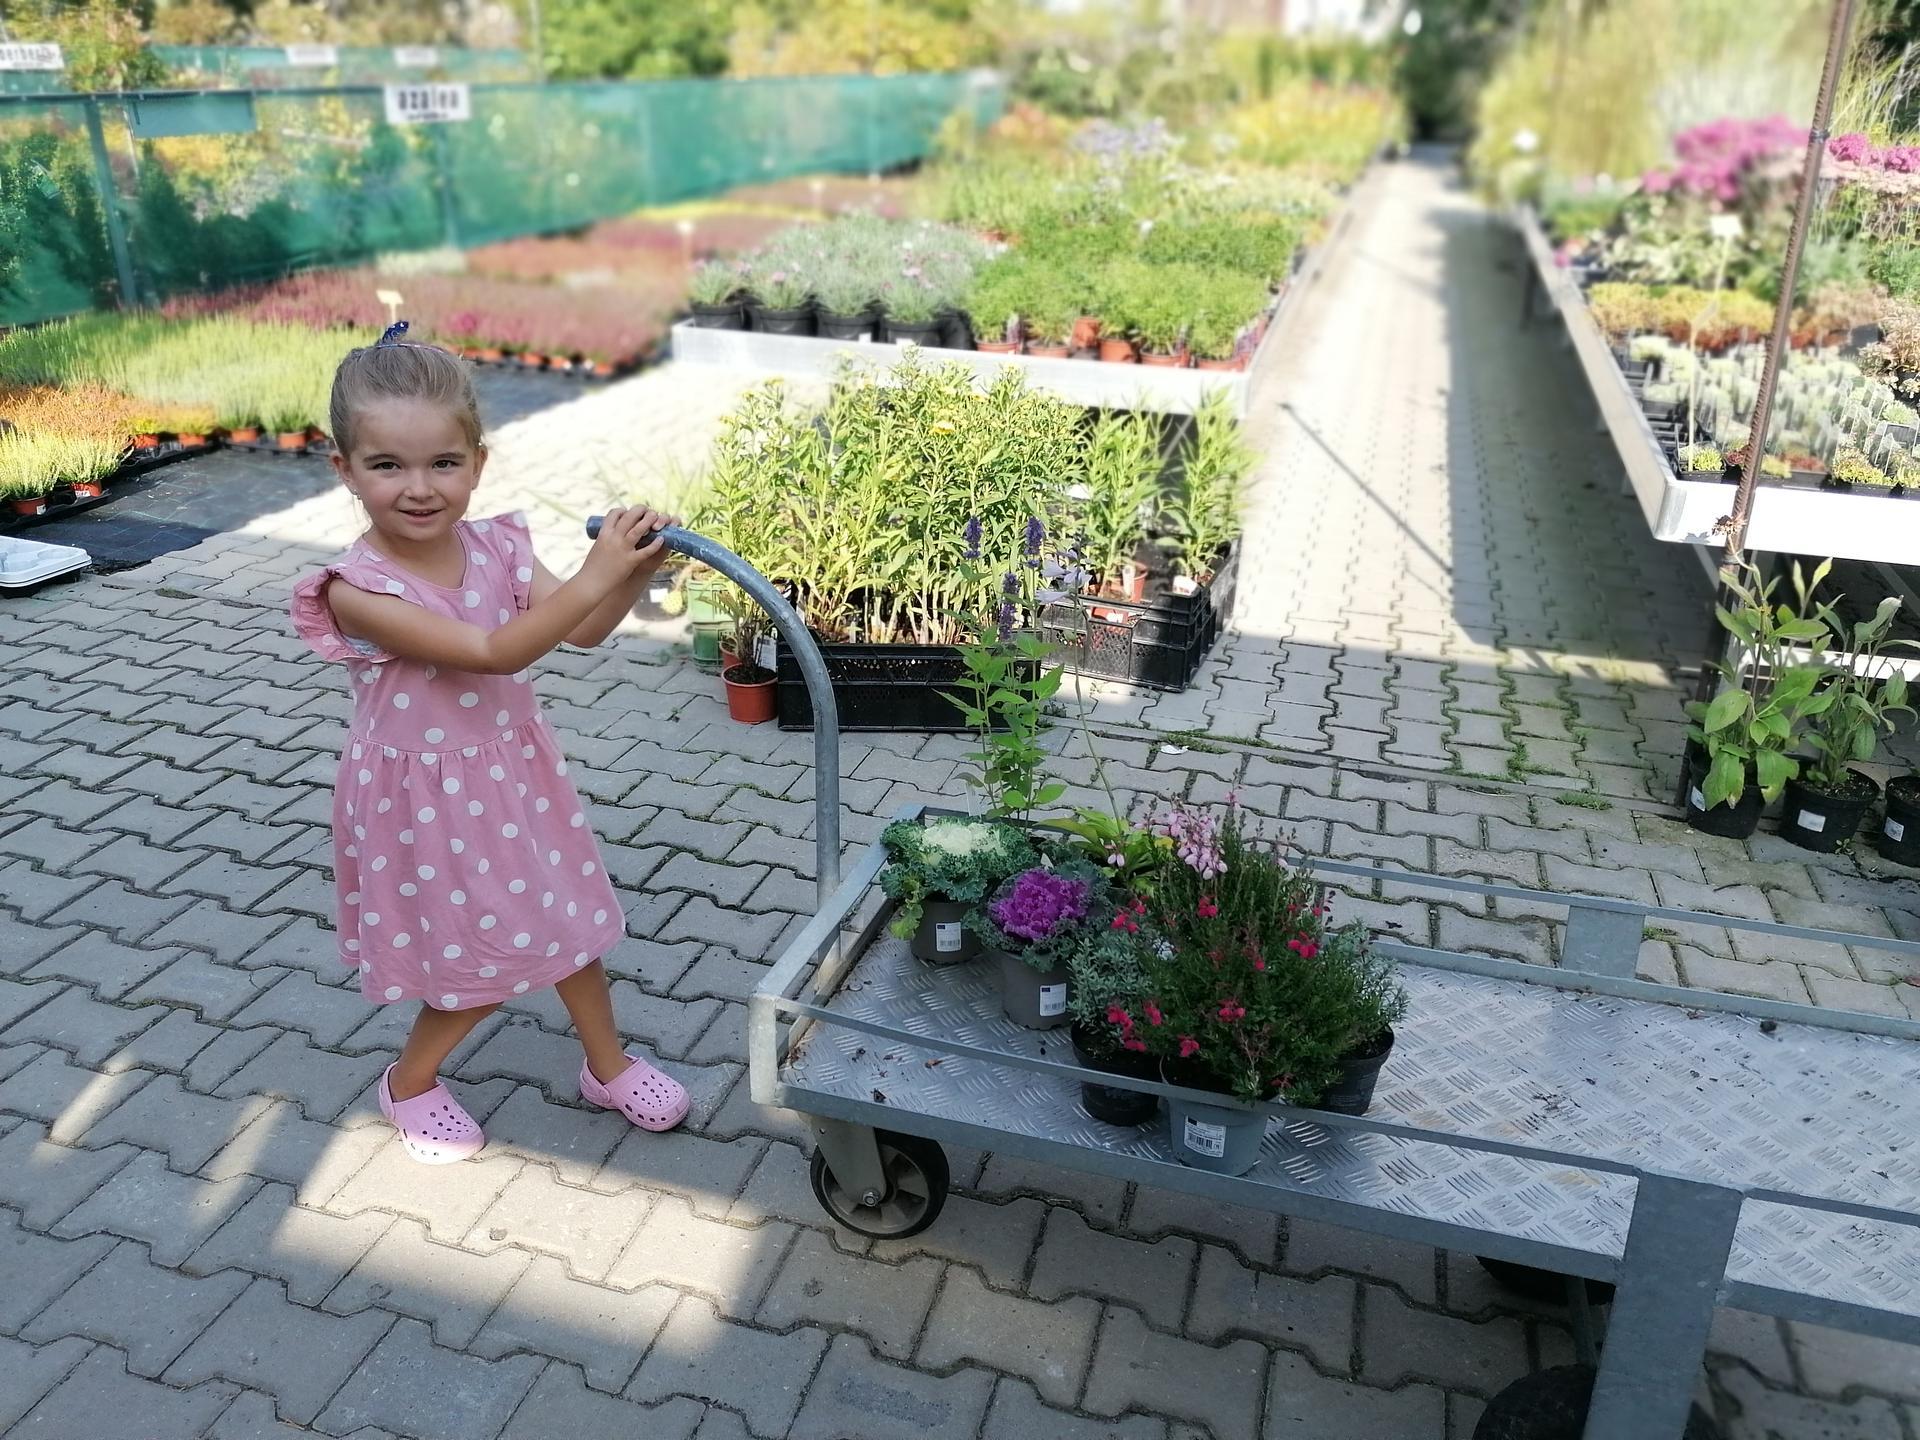 Začínáme se zahrádkou - S Natálkou milujeme návštěvy zahradnictví... Naše holčičí chvilka :)